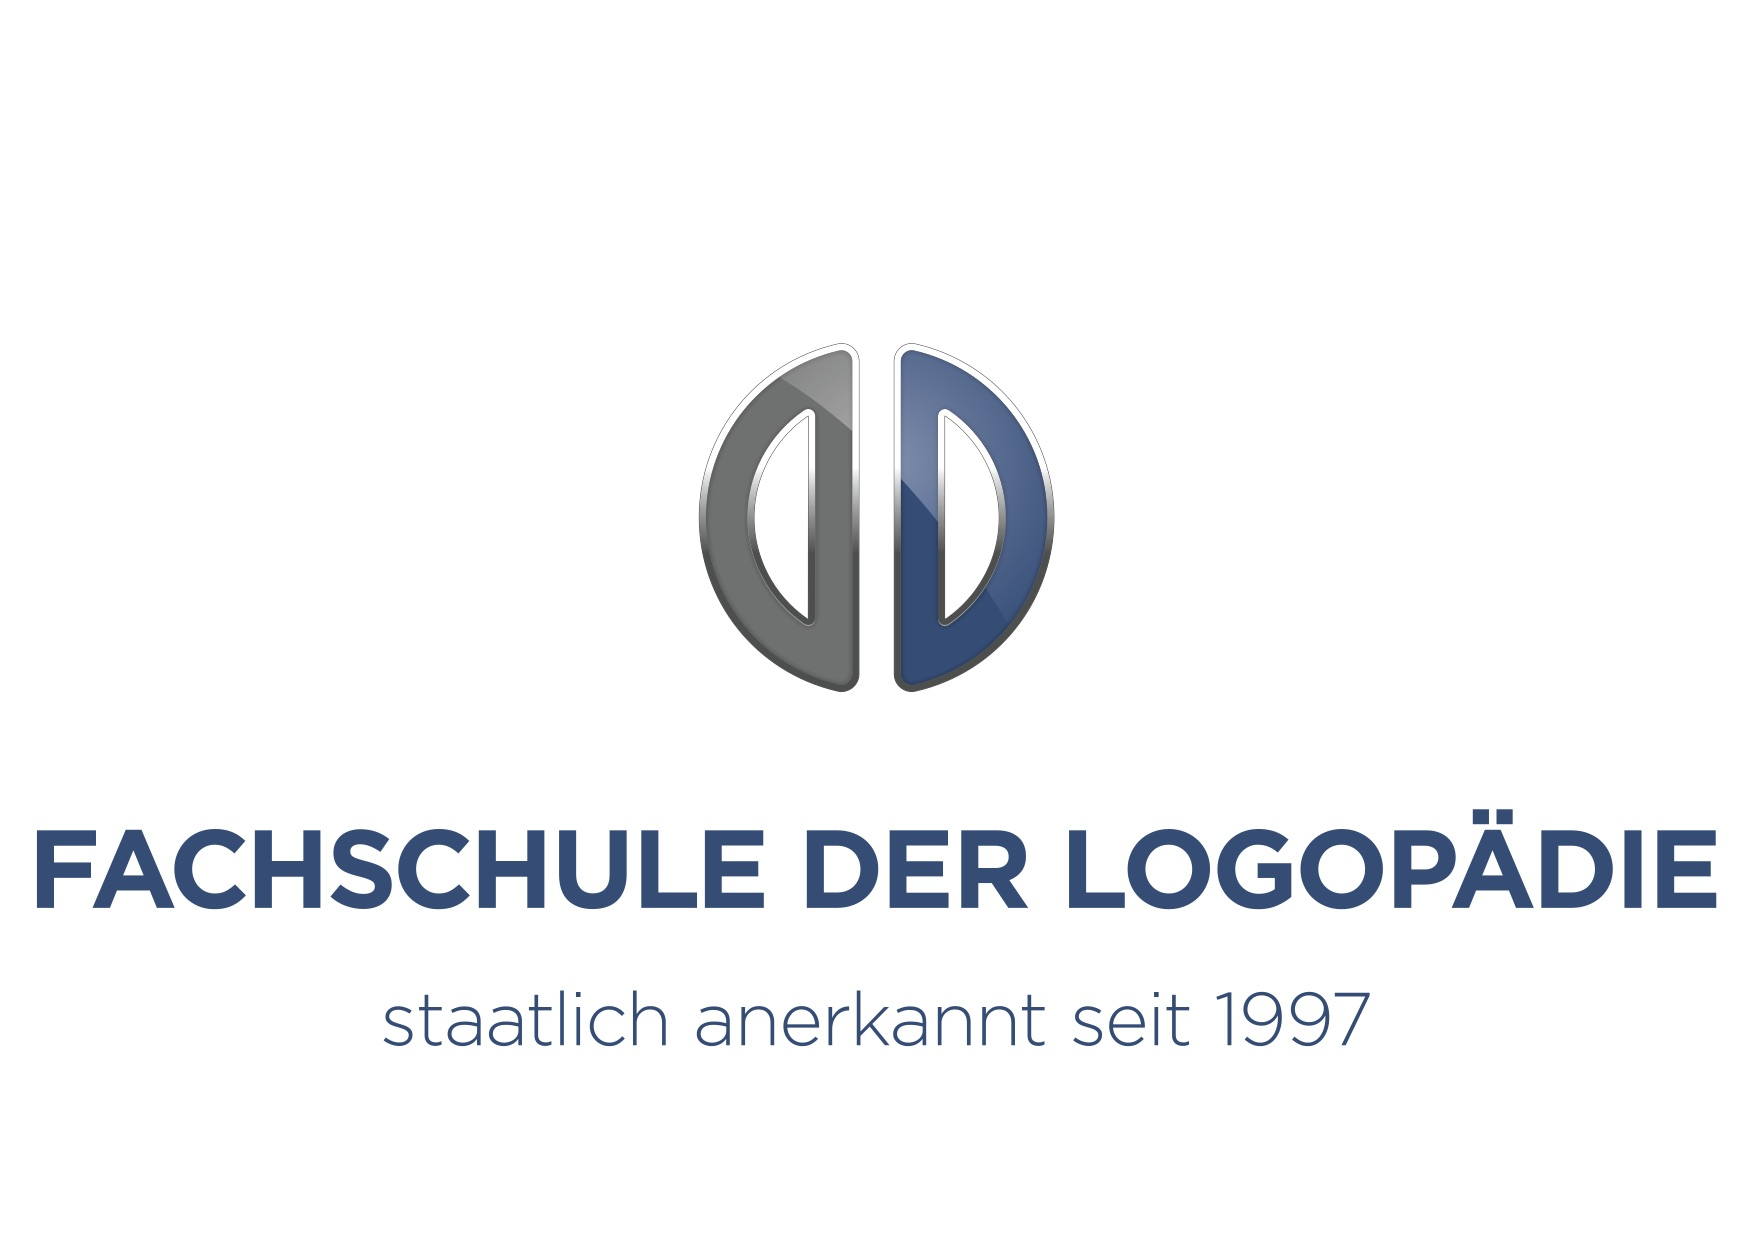 DA Düsseldorfer Akademie GmbH - Fachschule der Logopädie